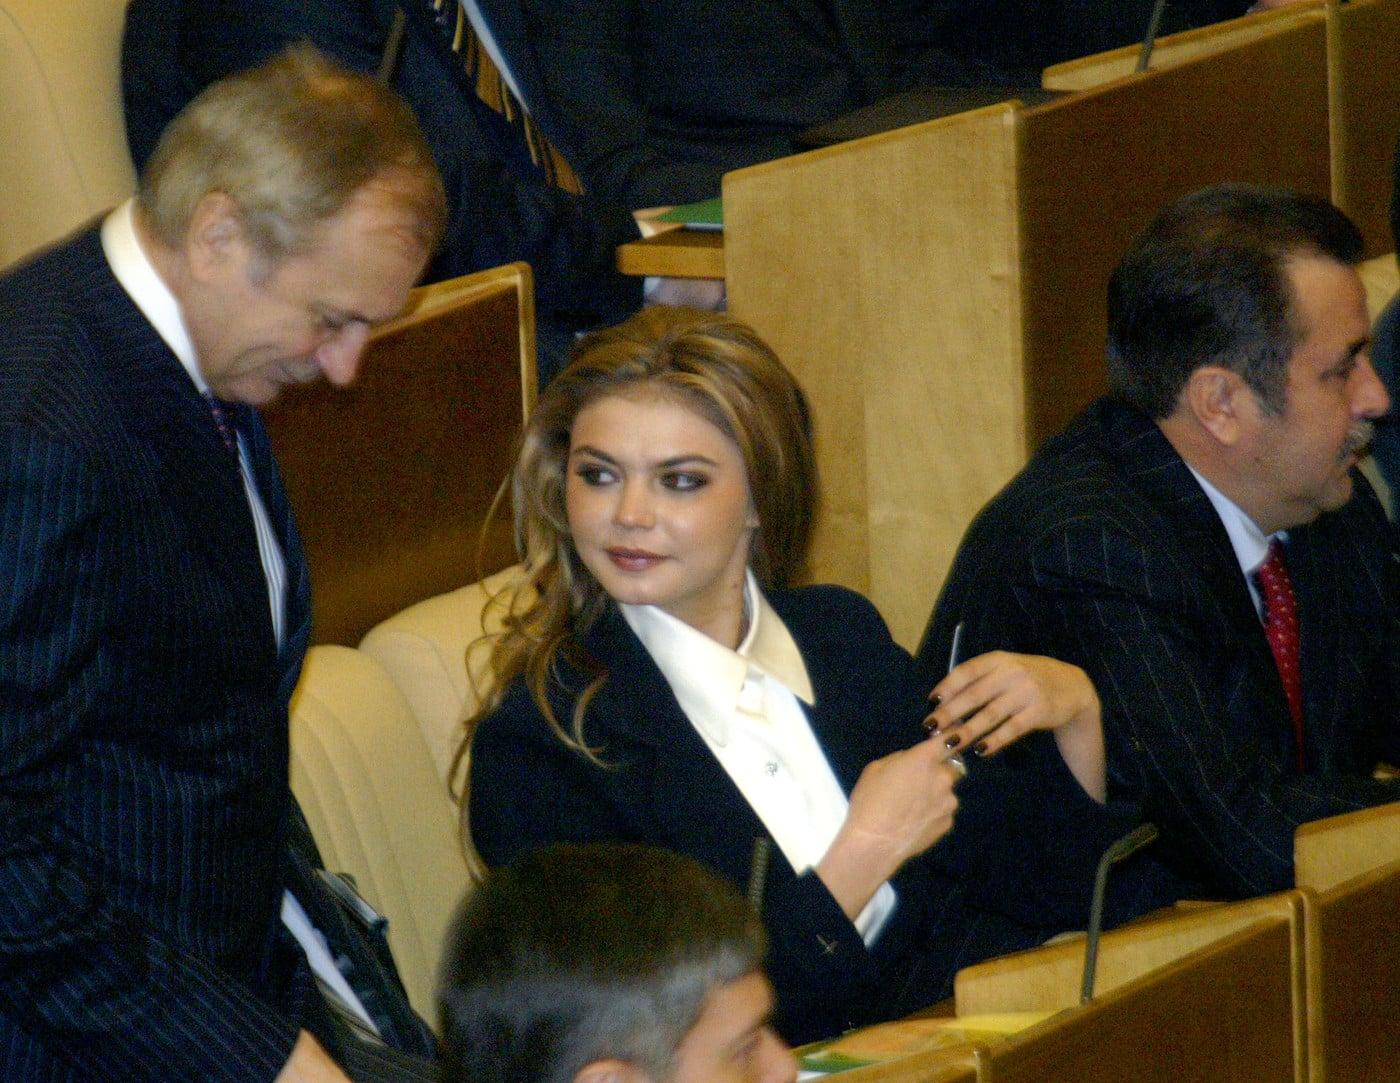 Алина Кабаева: тайна её семьи, что случилось в жизни Кабаевой много лет назад